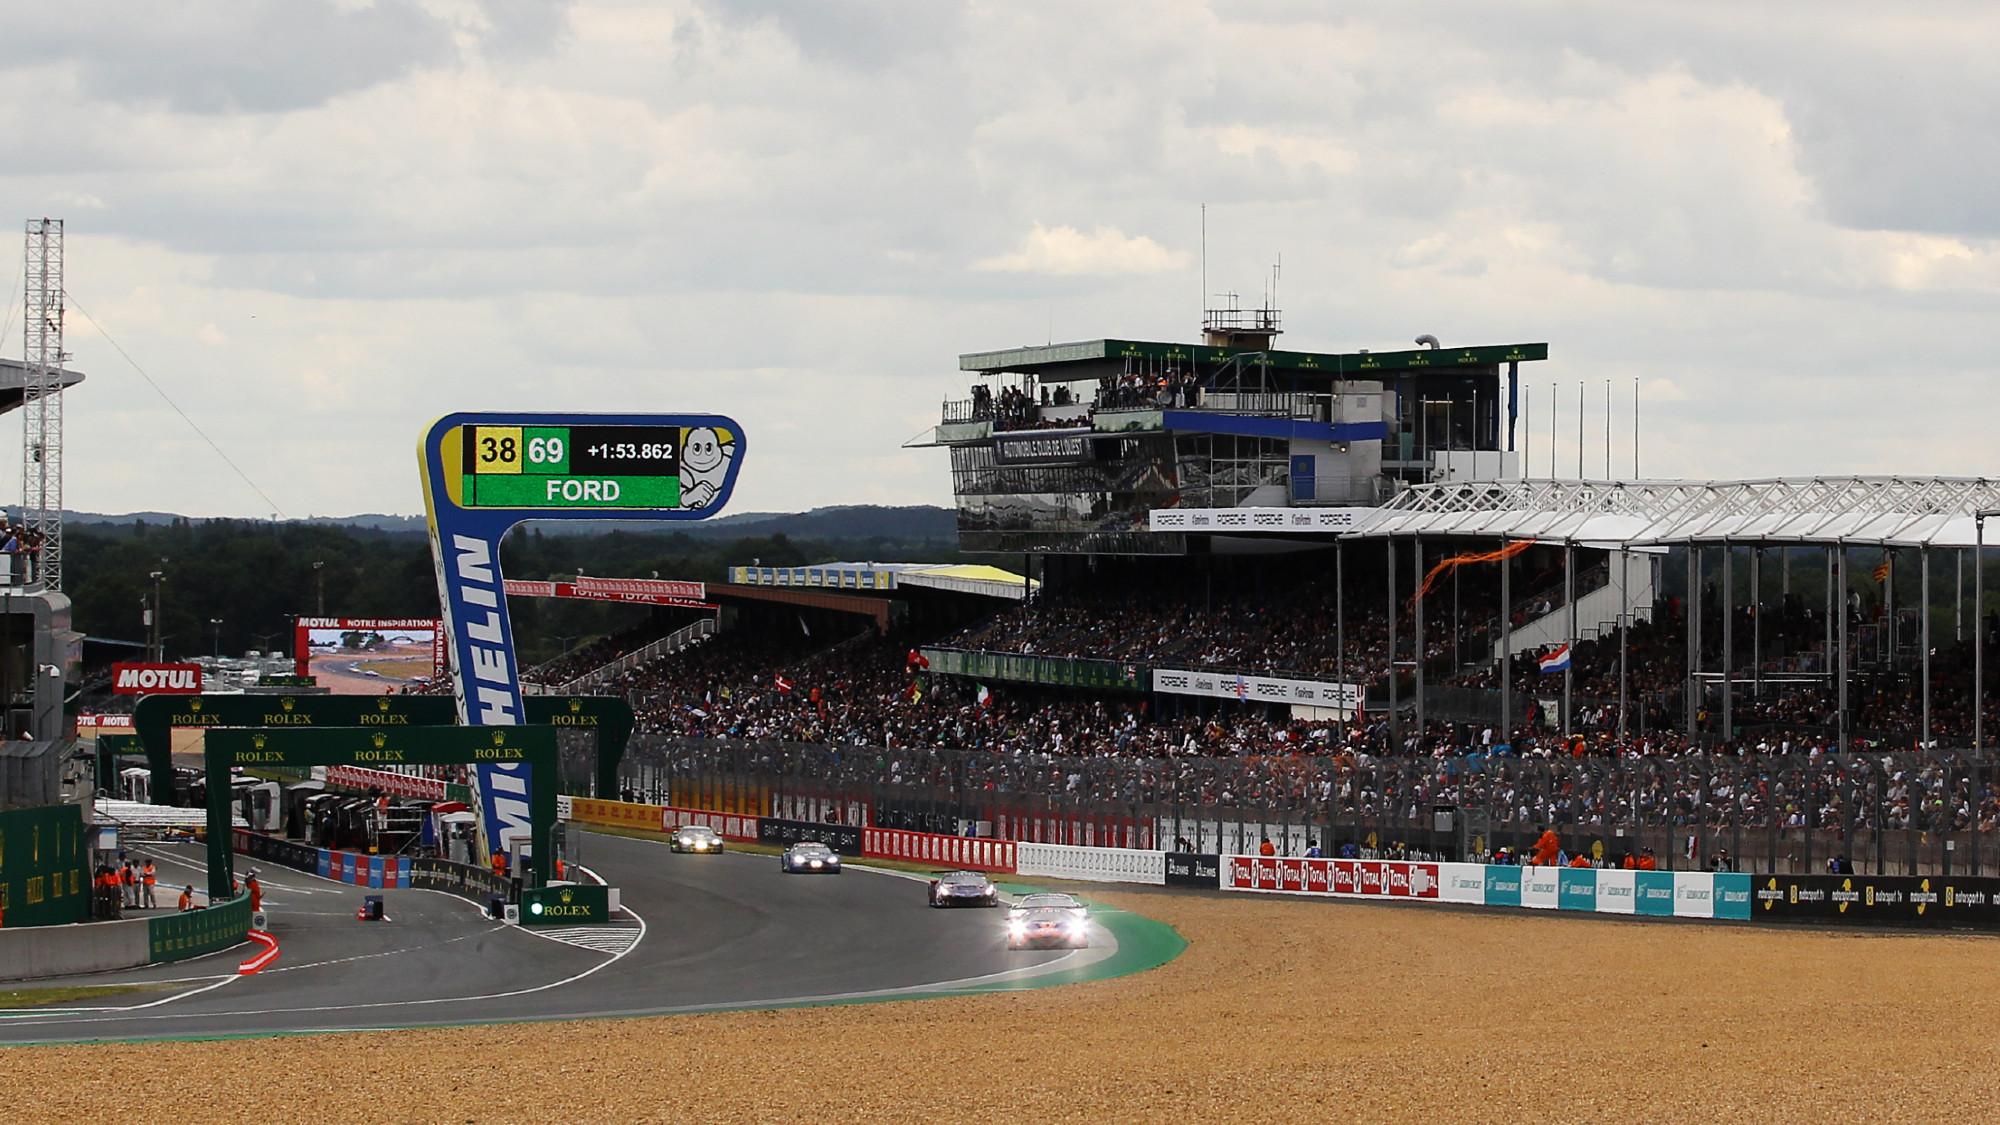 Le Mans 24 Hours, 2019